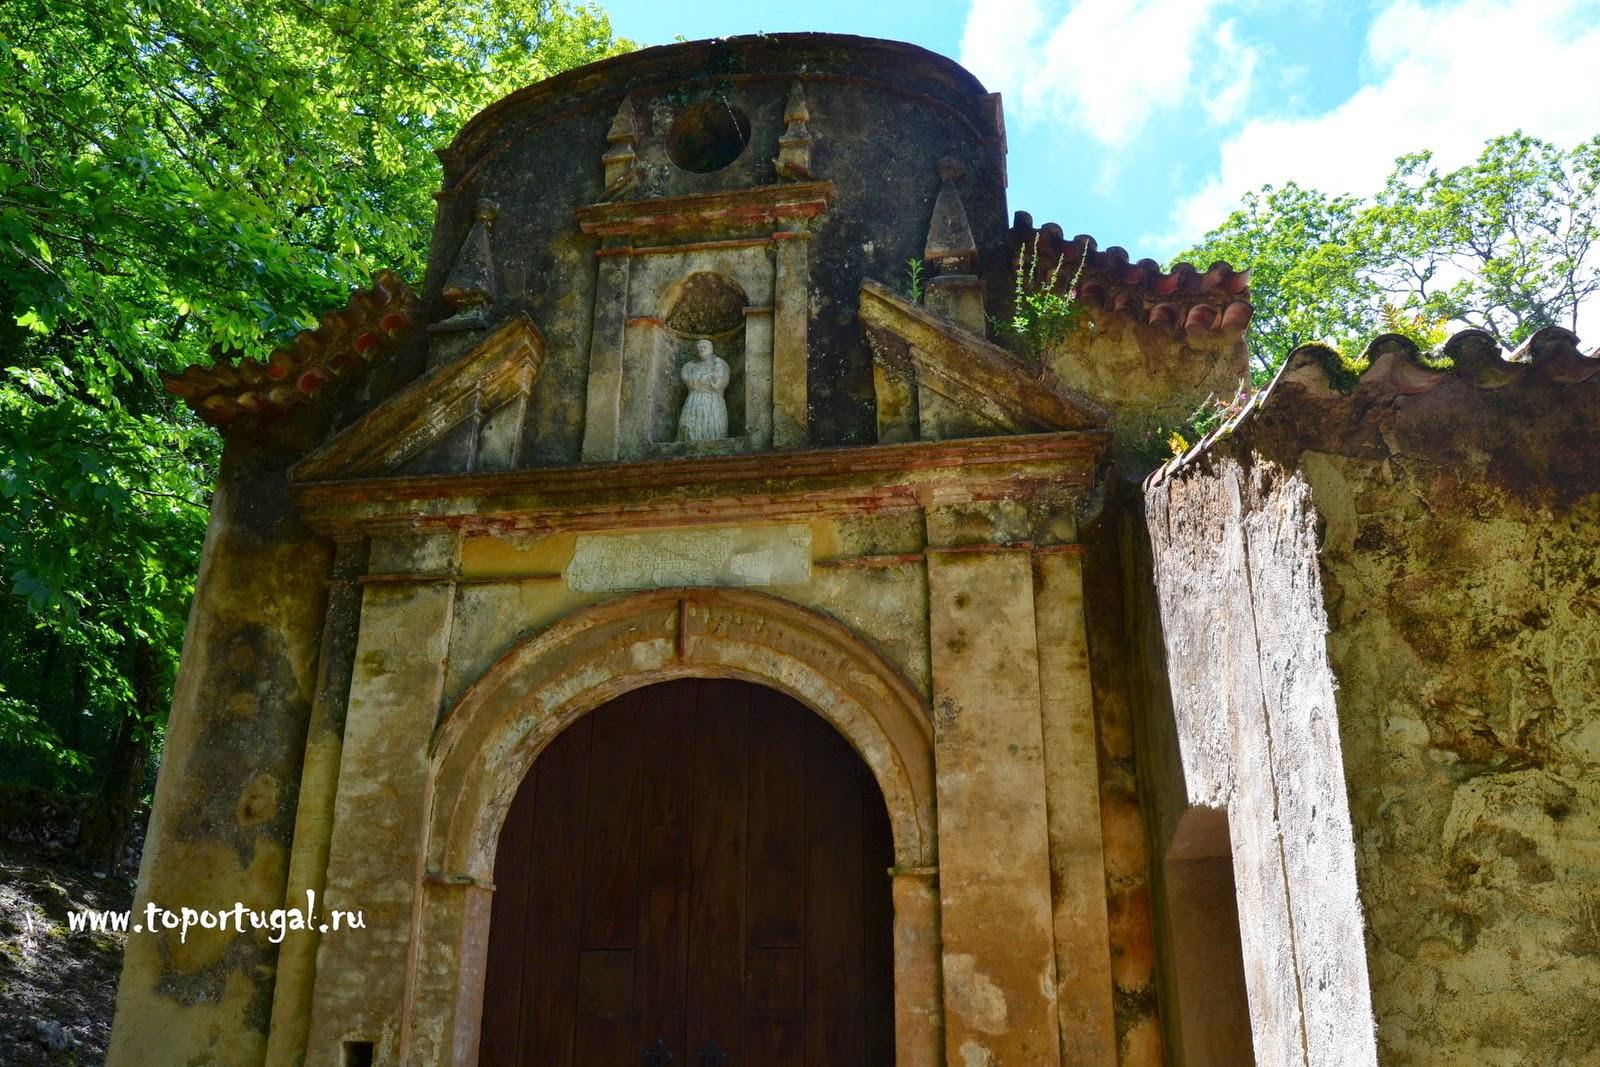 португальская история, путешествие по португалии, интересное в Португалии, что посмотреть в Португалии